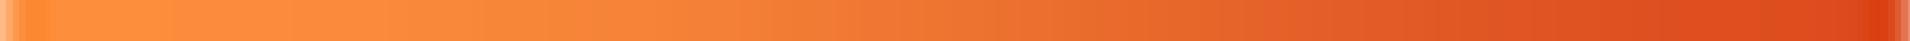 Rango de color de los Colorantes Naturales Alimentarios con Paprika